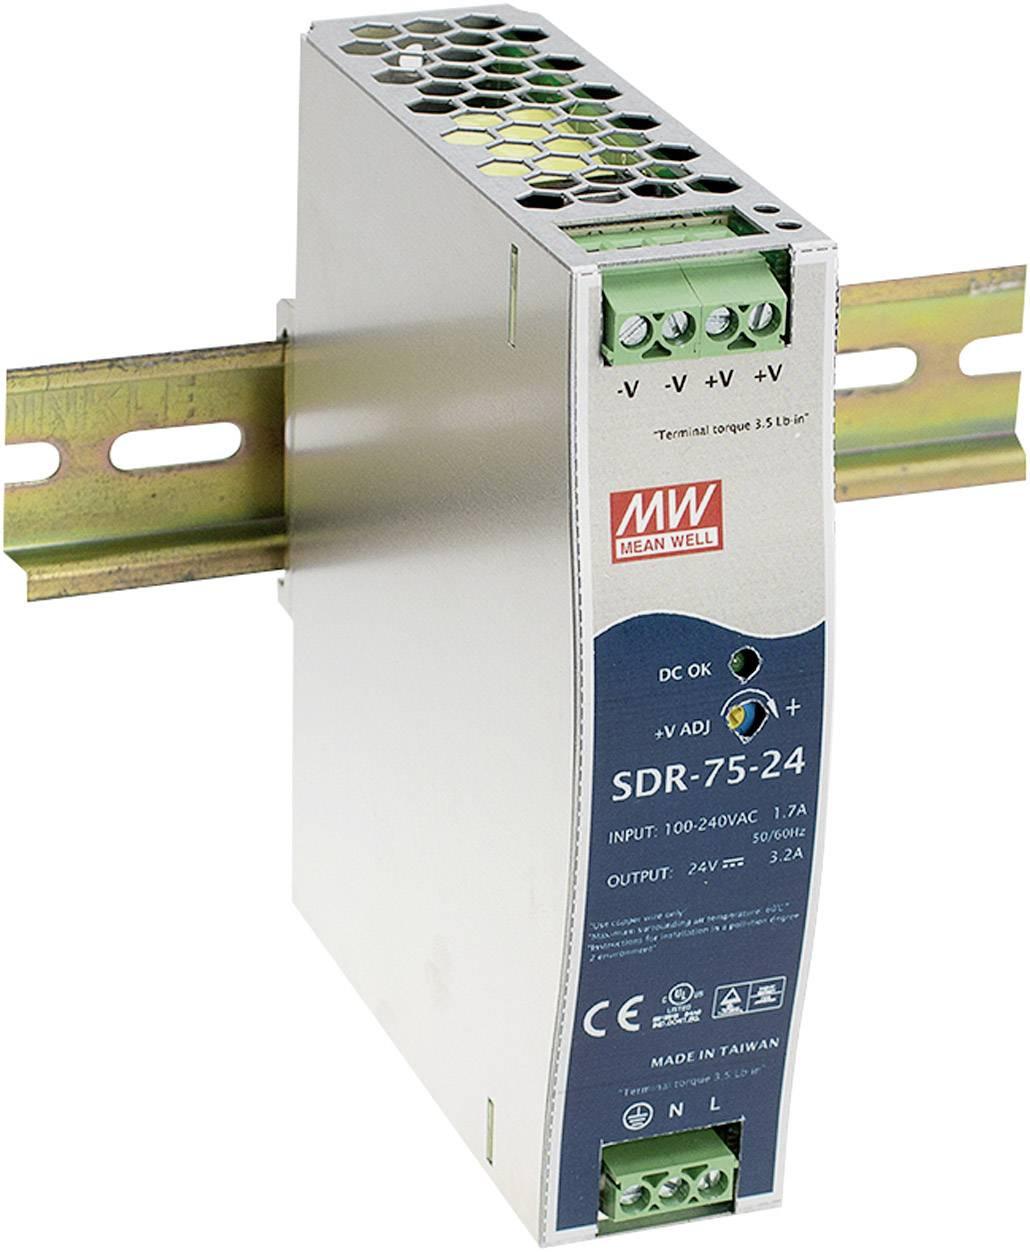 Sieťový zdroj na DIN lištu Mean Well SDR-75-24 24 V / DC 3.2 A 76 W 1 x